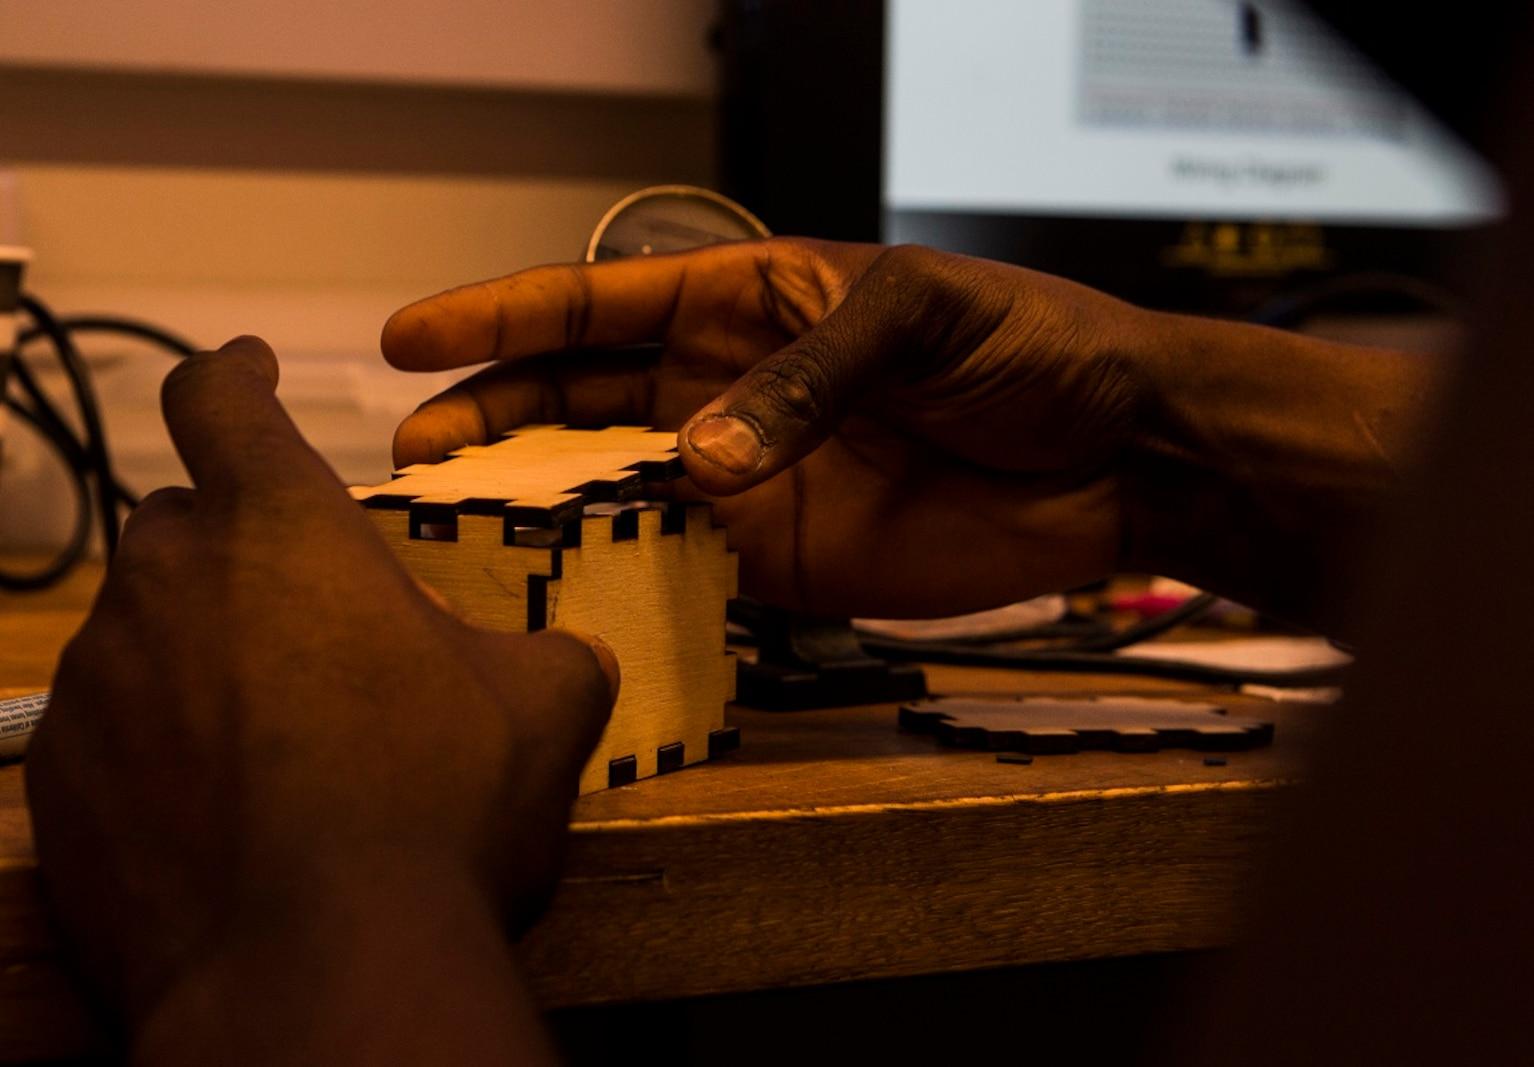 Marine Maker, Innovation Labs